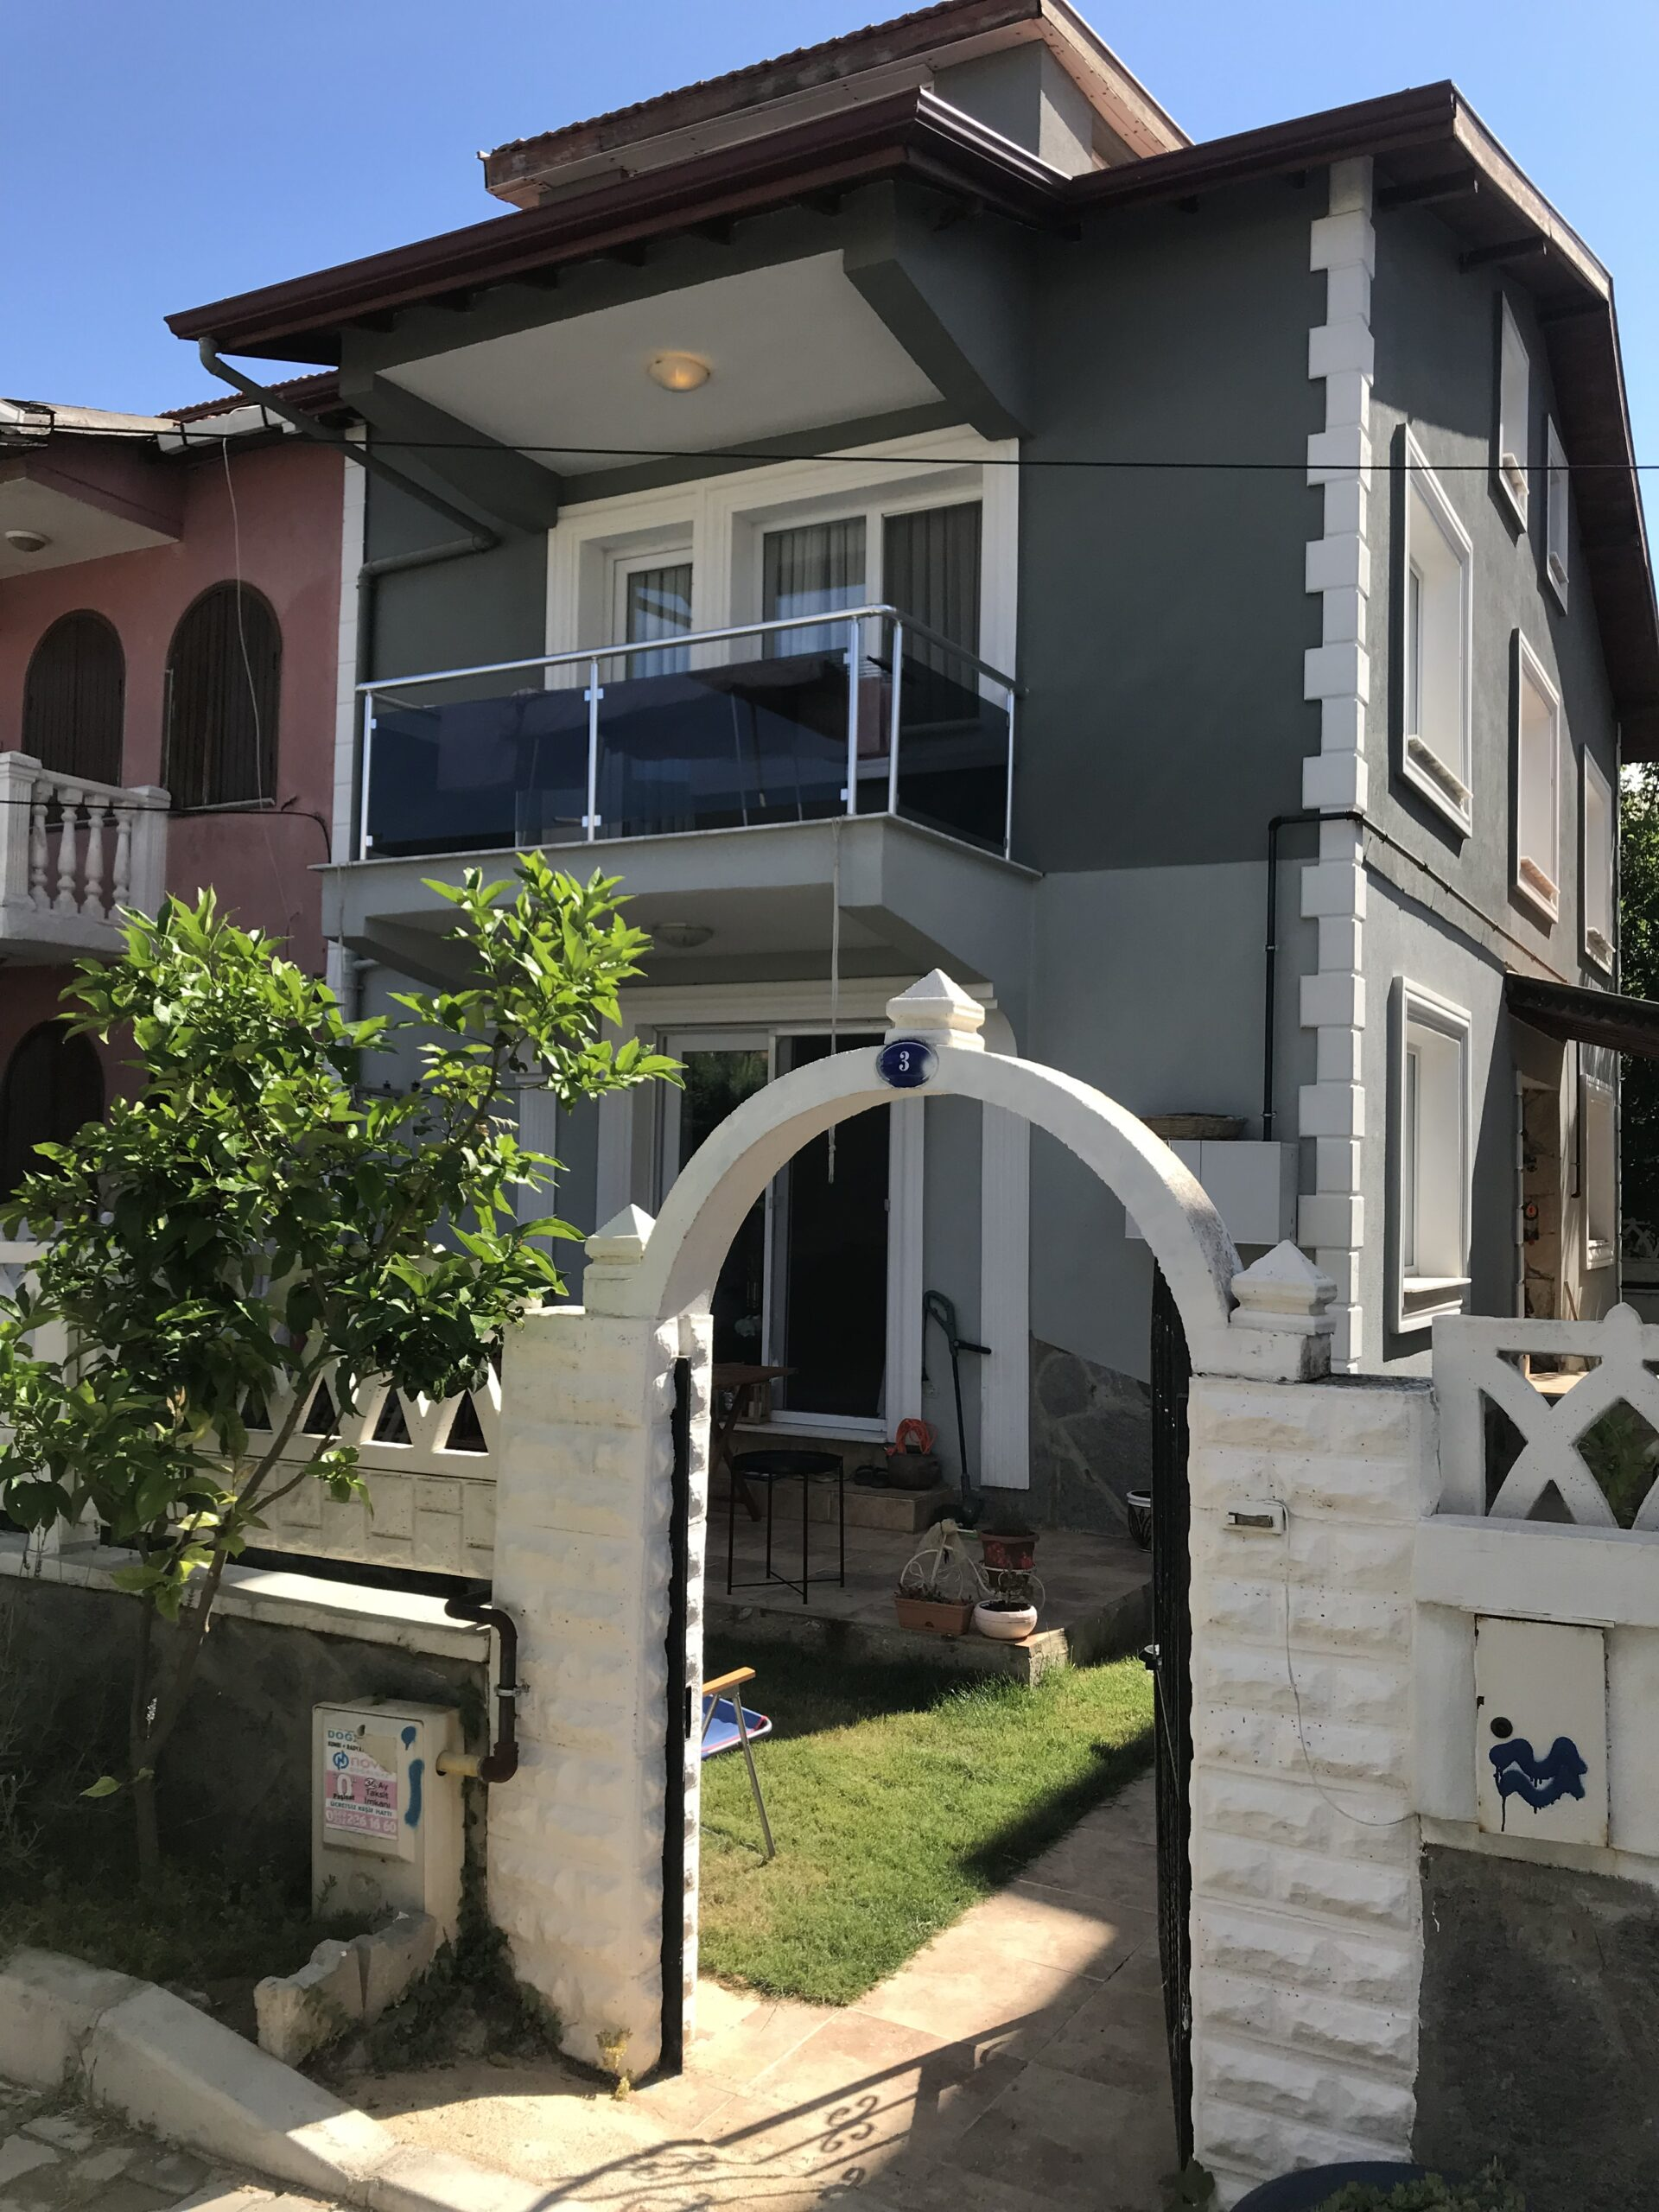 Urla Zeytinalanı Çamlıçay'da Satılık 4+1 Bahçeli Tripleks Villa